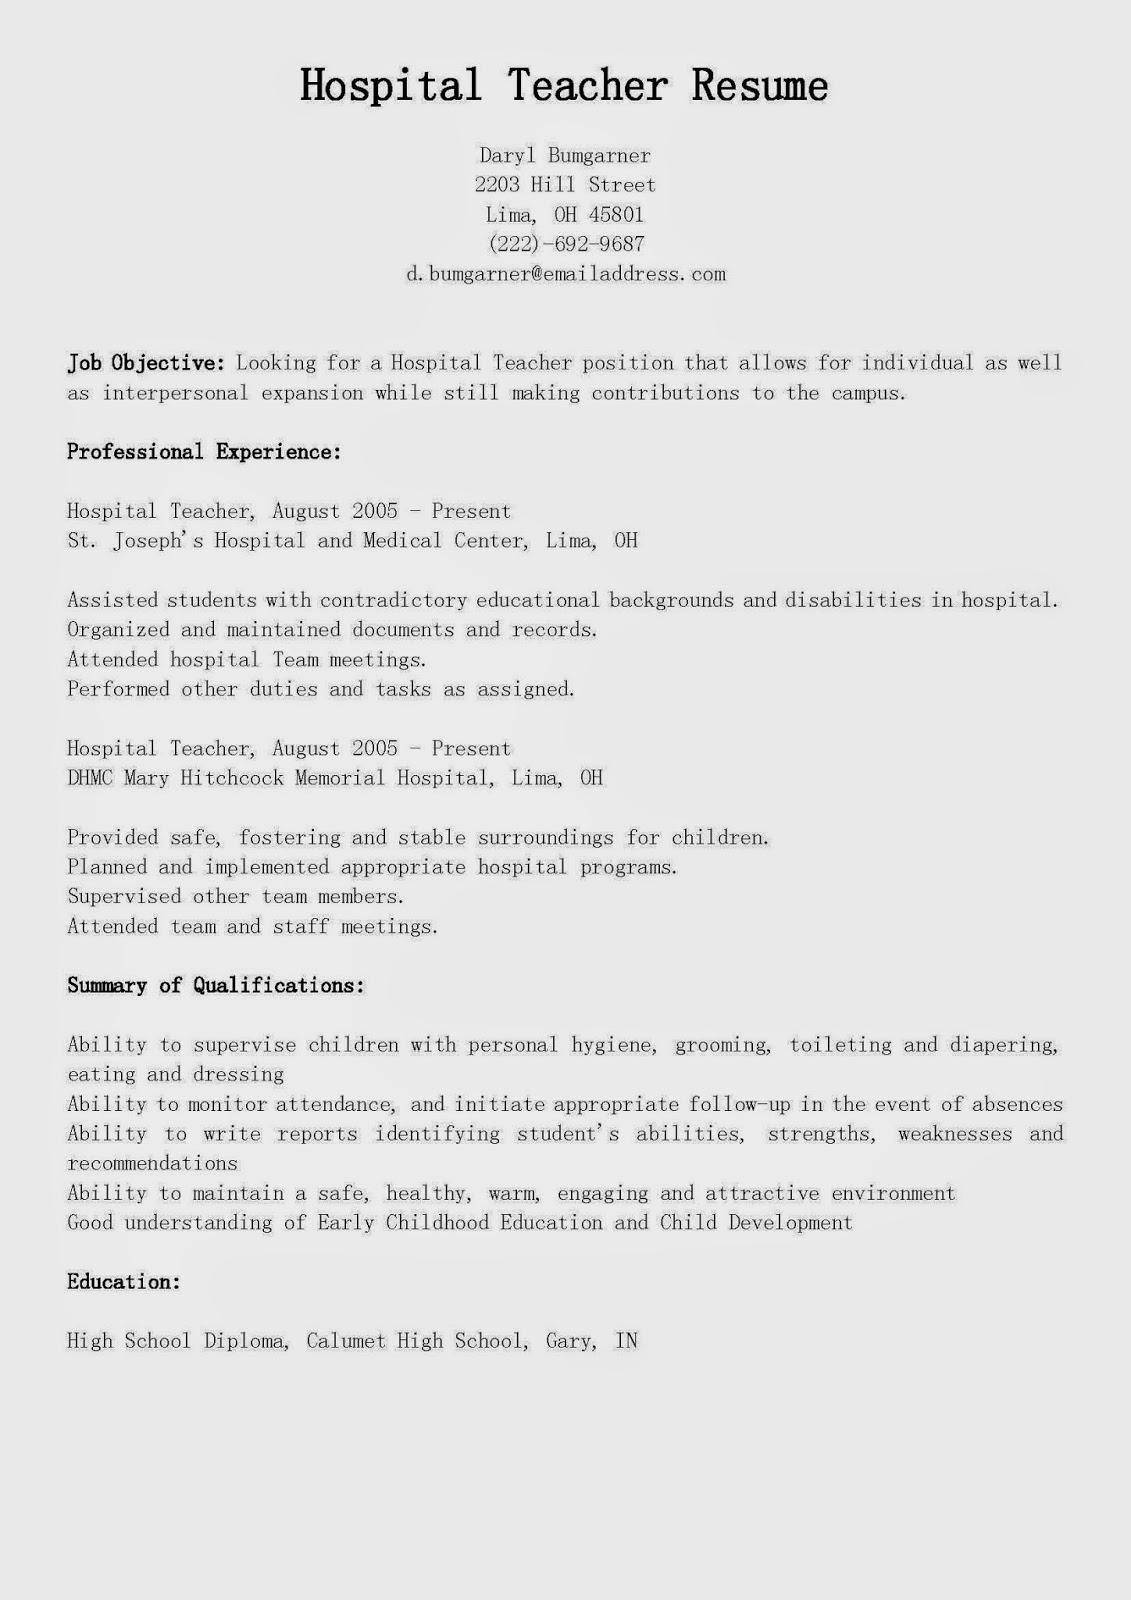 resume samples  hospital teacher resume sample